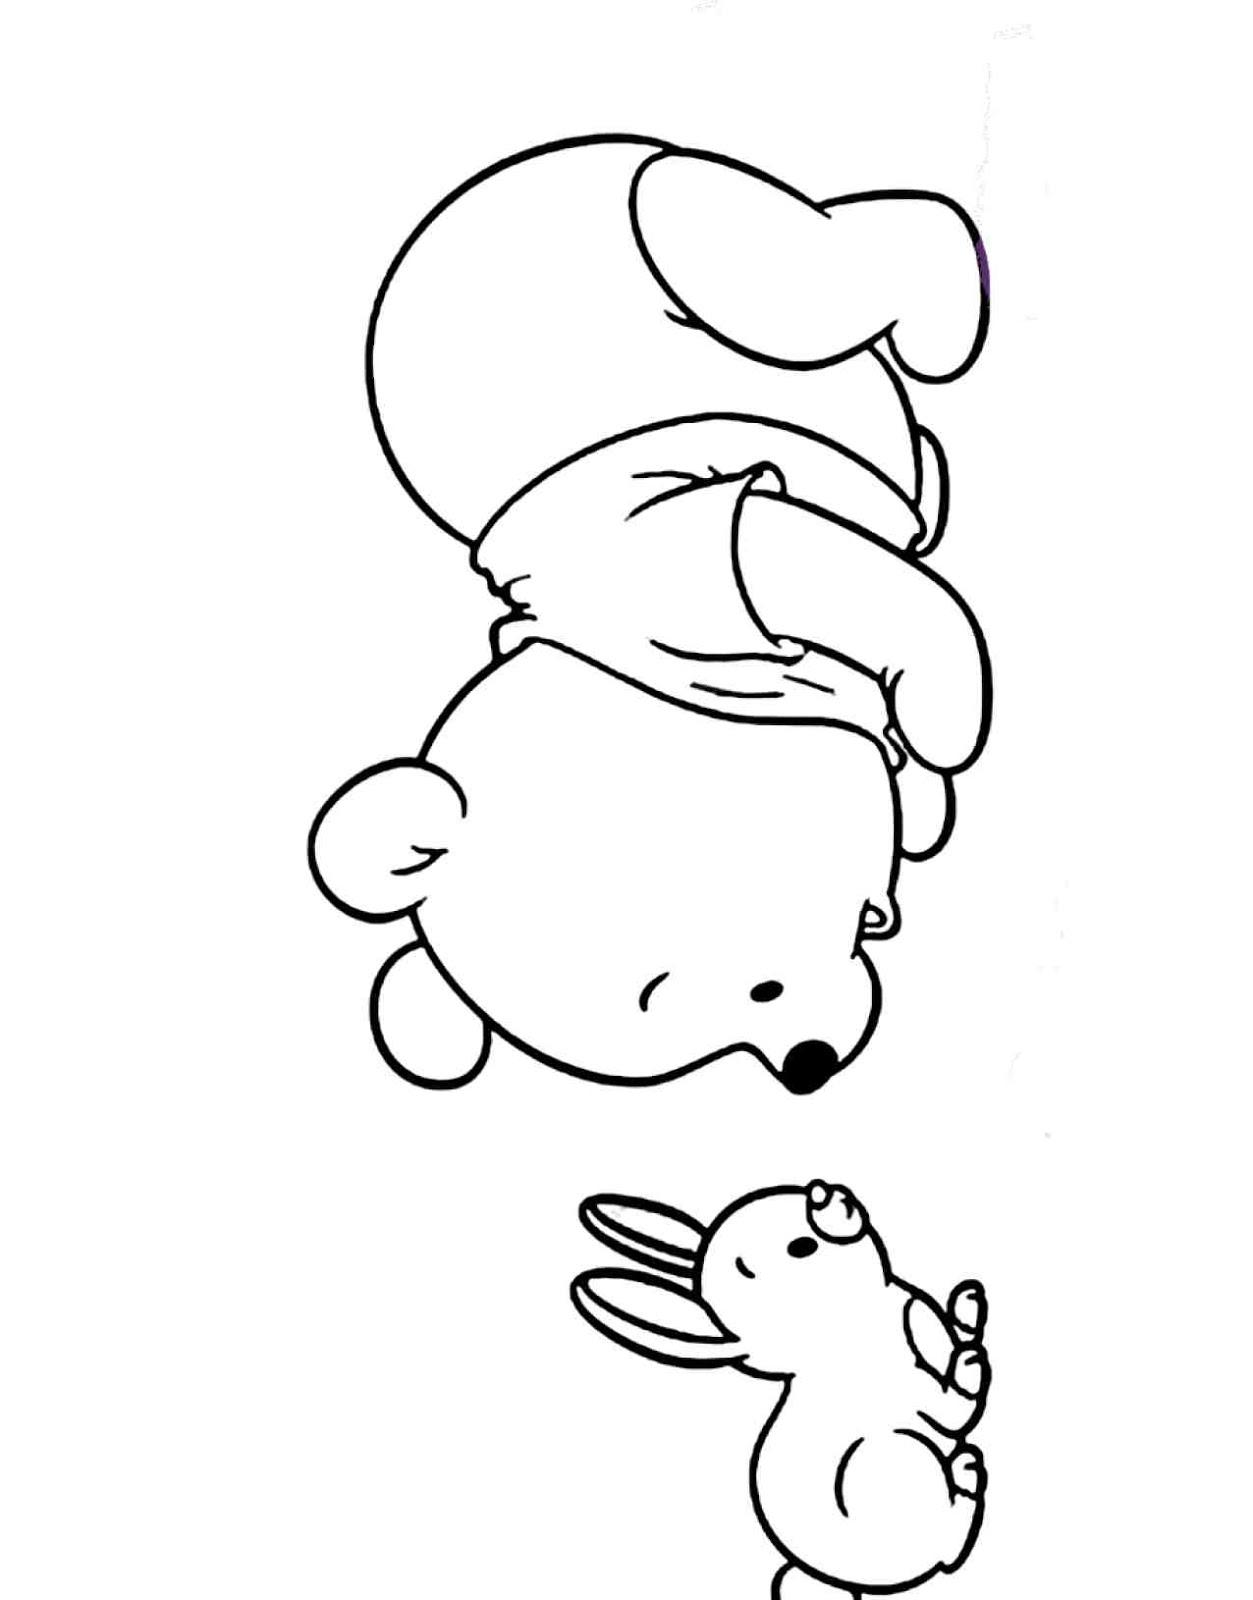 Dibujos Para Colorear Winnie Pooh Y Sus Amigos - páginas ...